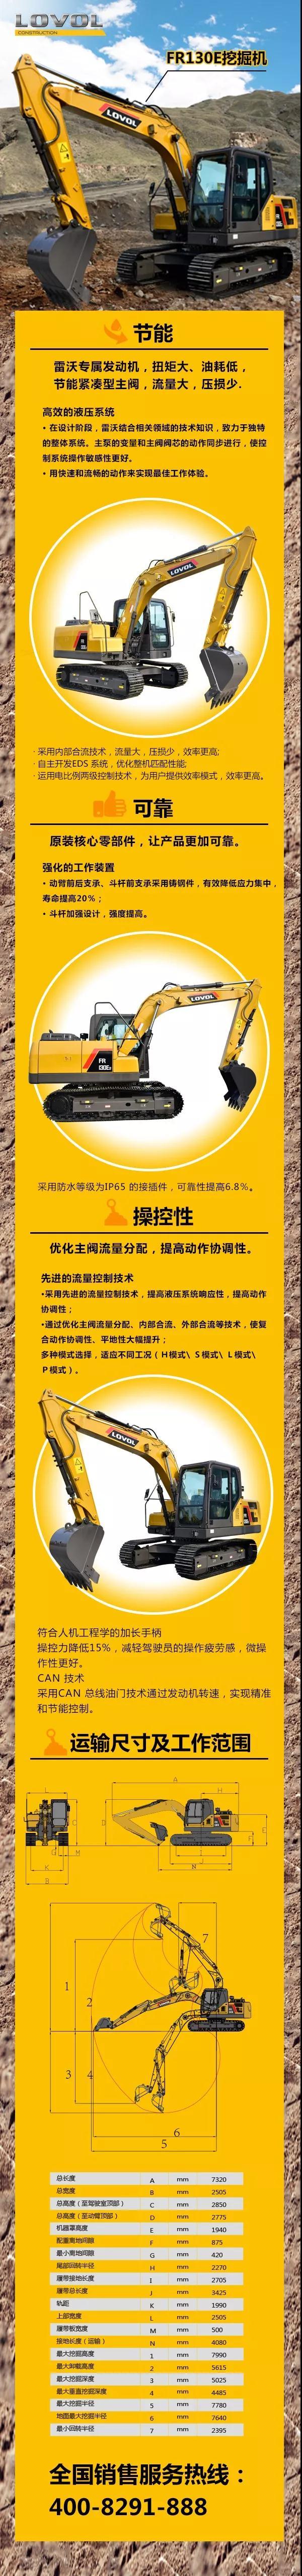 【新品上市】雷沃FR130E<a href='https://www.lmjx.net/wajueji/' target='_blank'>挖掘机</a> 超大扭矩 更低油耗